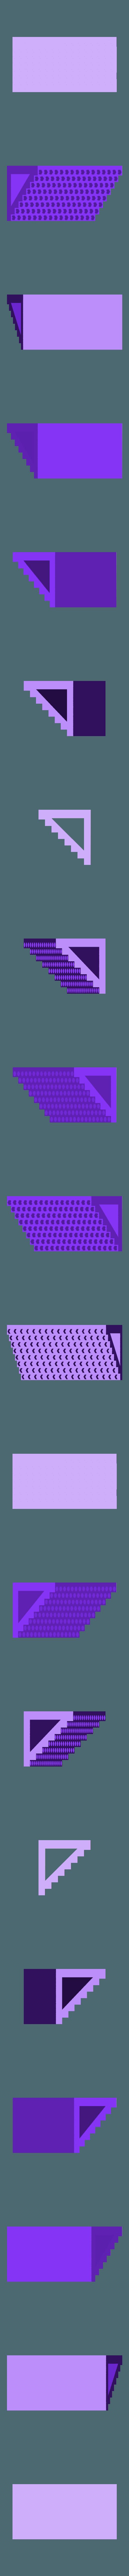 Bit_holder_free_standing_128_holder_v2.obj Download free OBJ file Screwdriver Bit Holder (128 Bits) • 3D printing design, simonlewis962